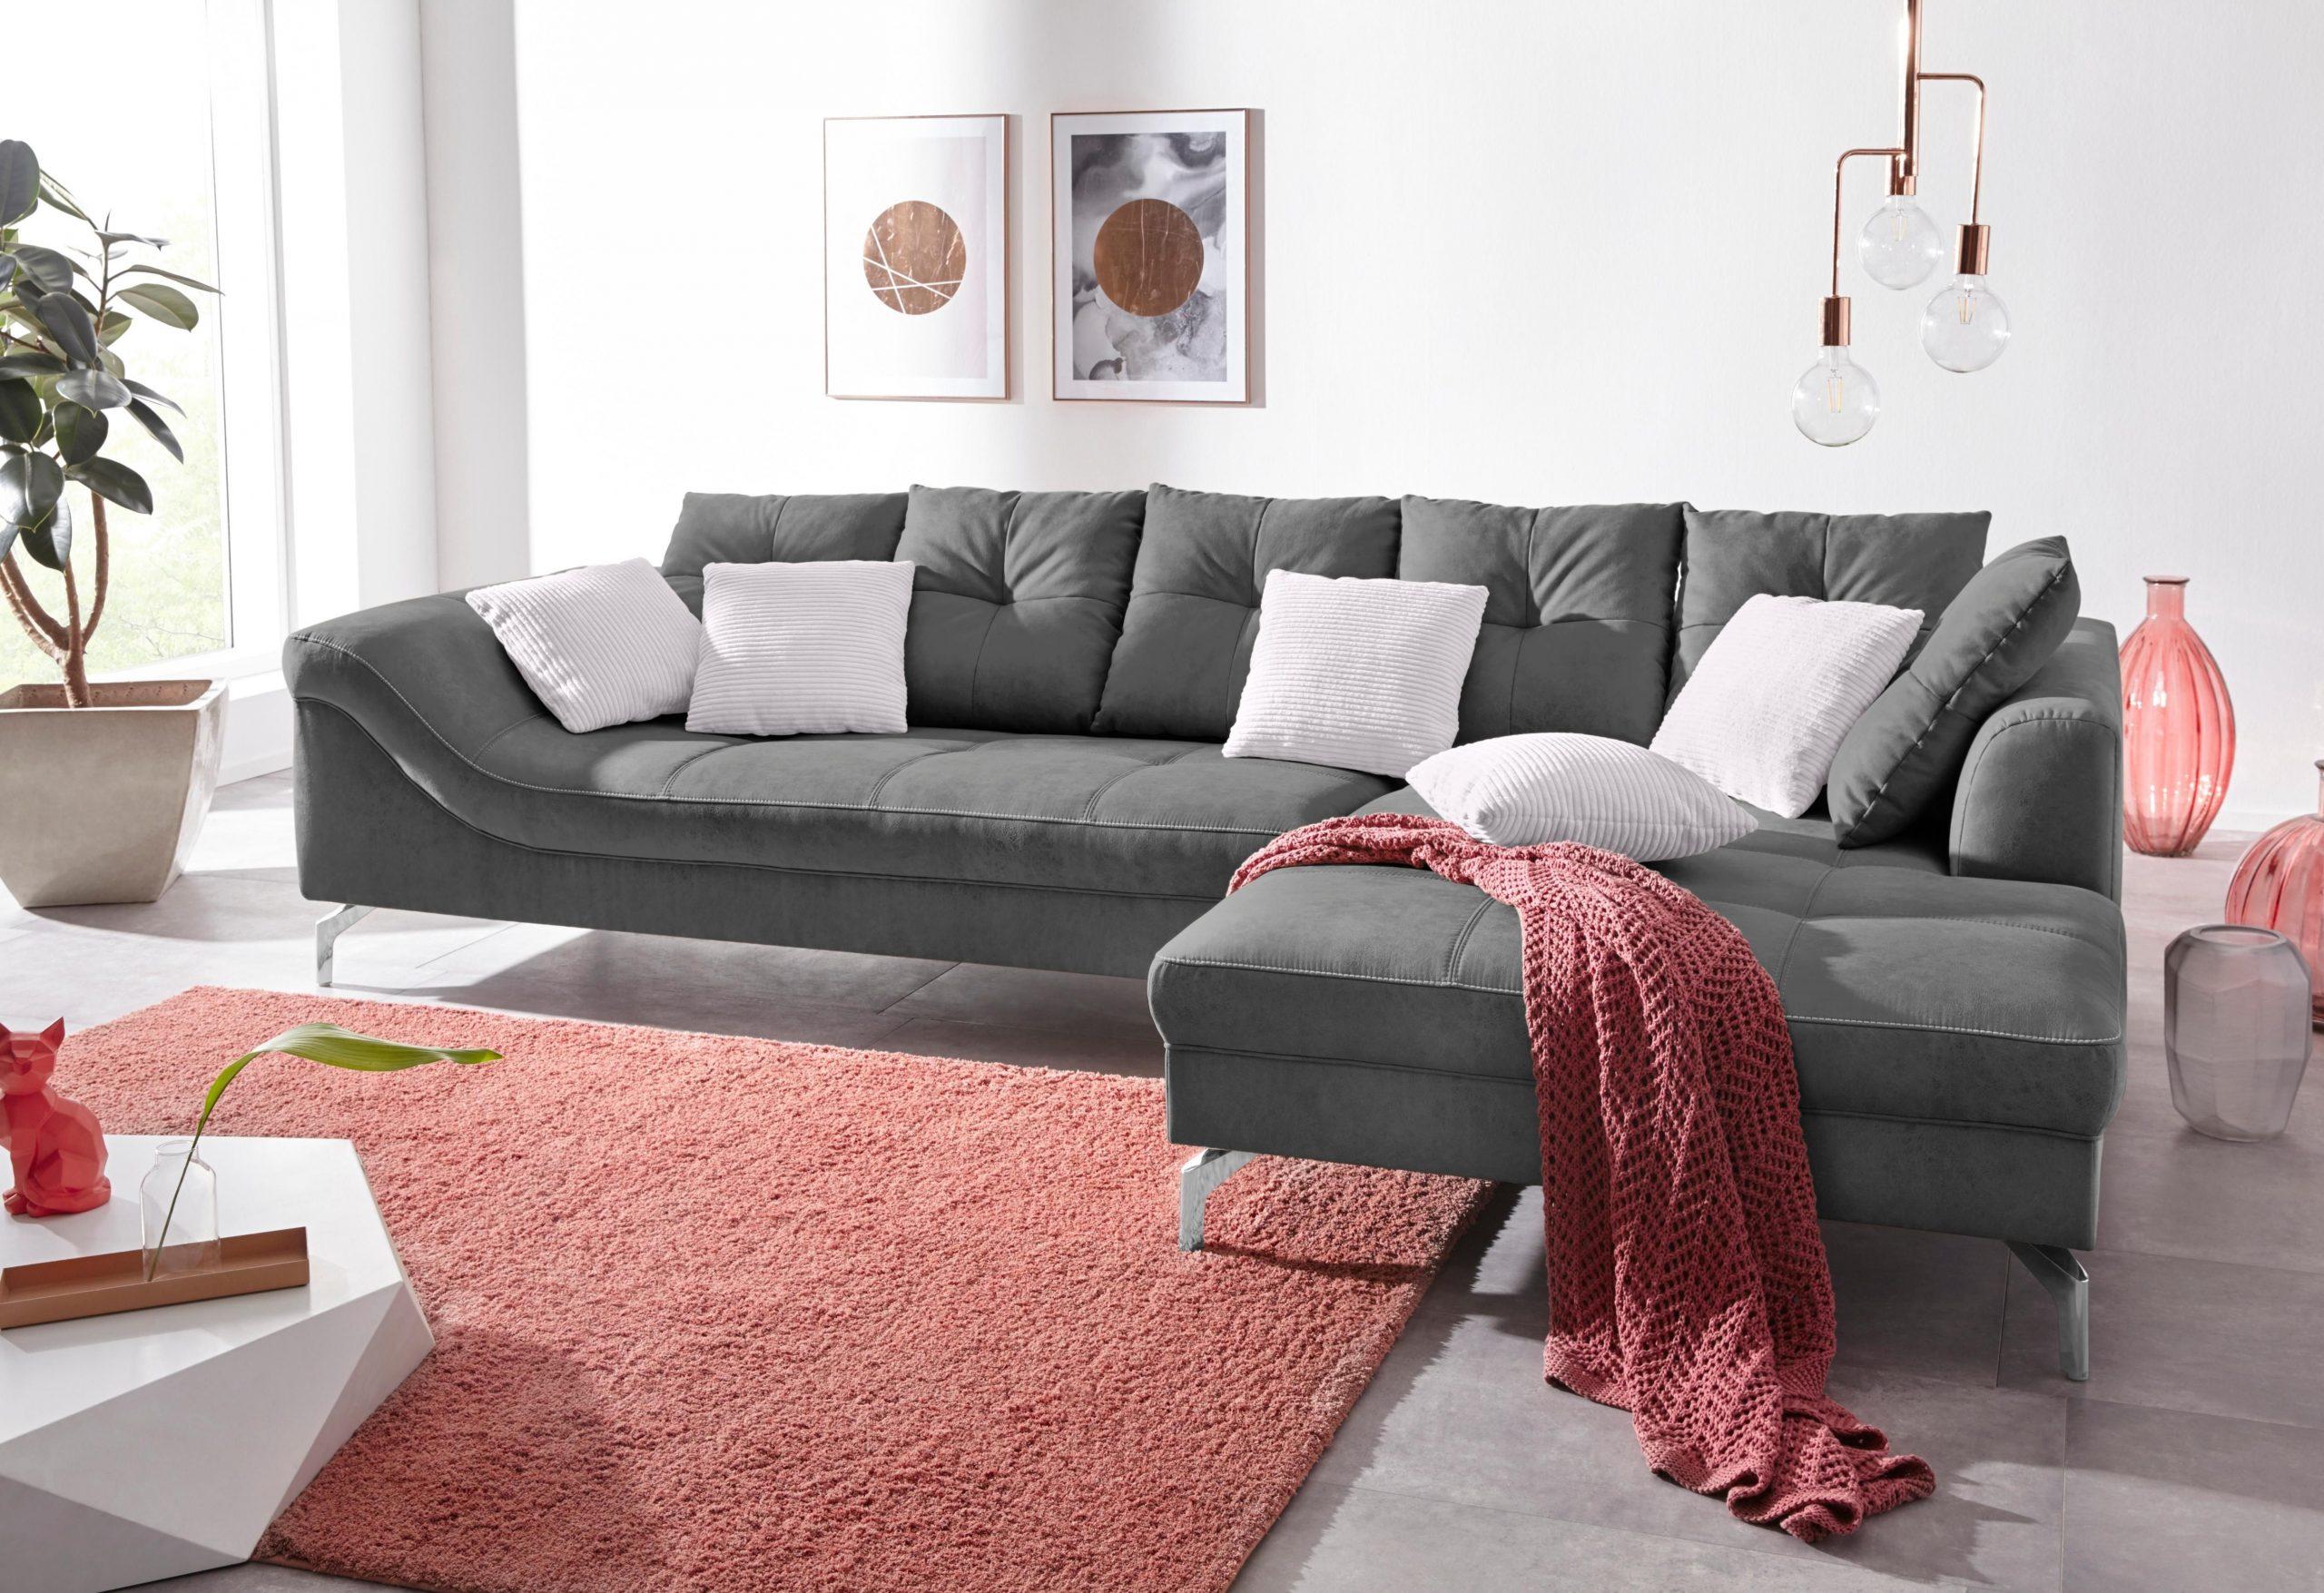 Full Size of Big Sofa Günstig Gnstig Bestellen Couch Billigerde Leder Kaufen Home Affaire Günstige Betten 180x200 Marken Für Esstisch Stilecht Küche Mit Elektrogeräten Sofa Big Sofa Günstig